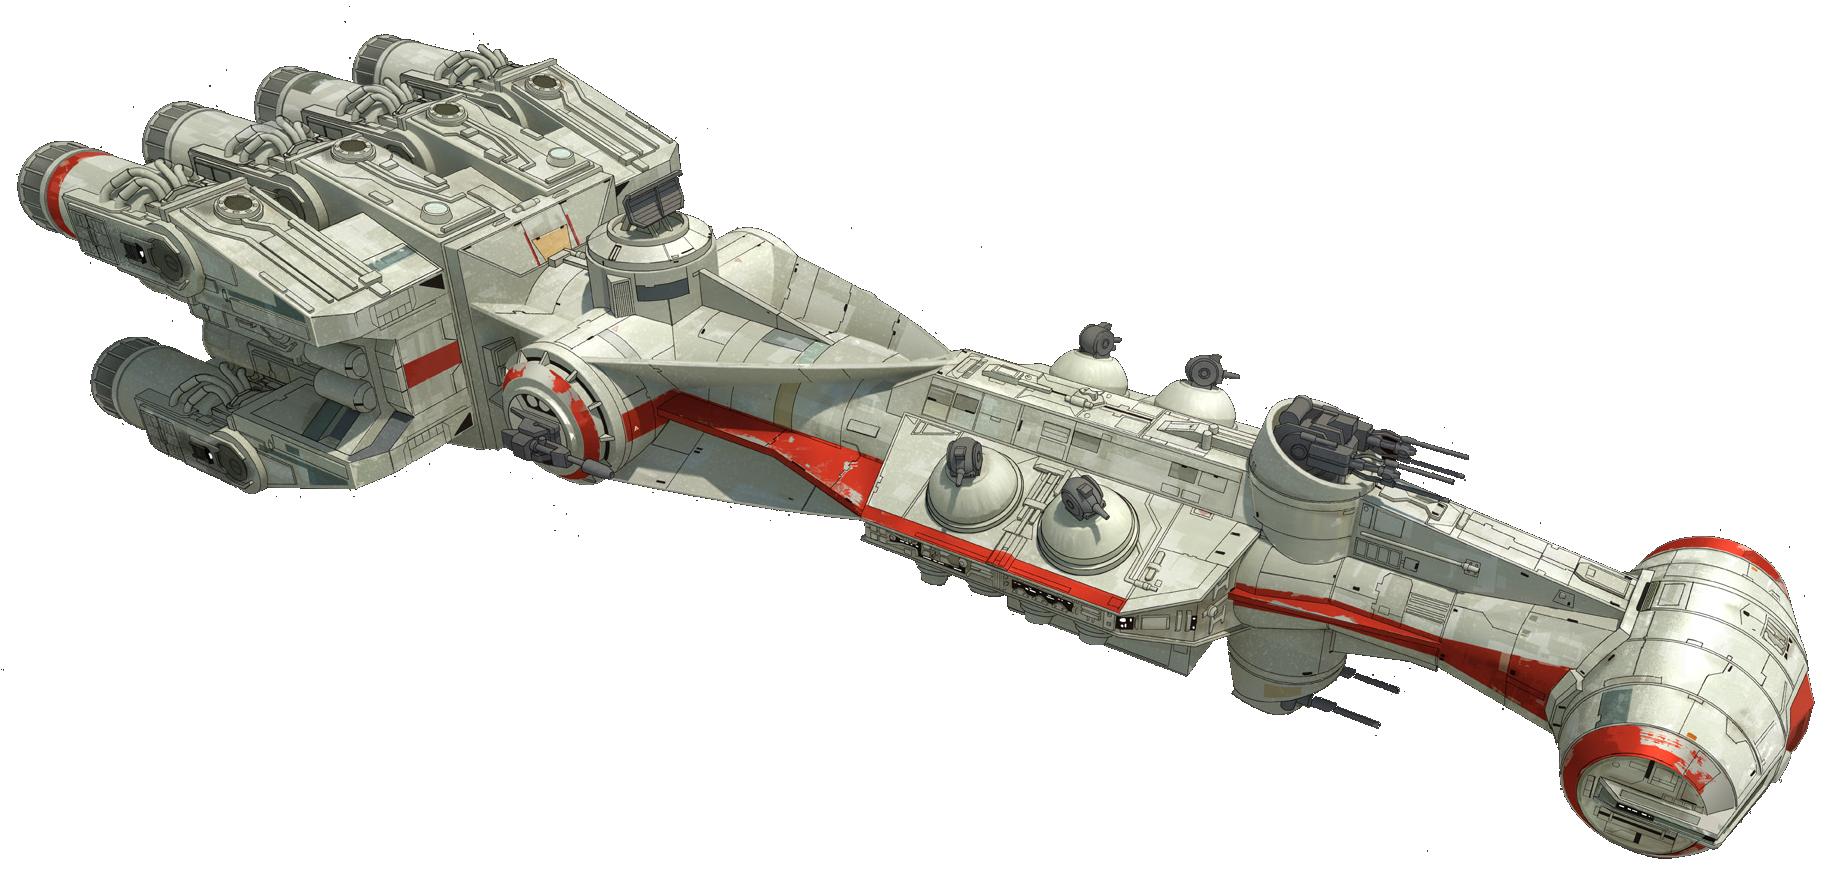 svg library download transparent ship rebel #106533422